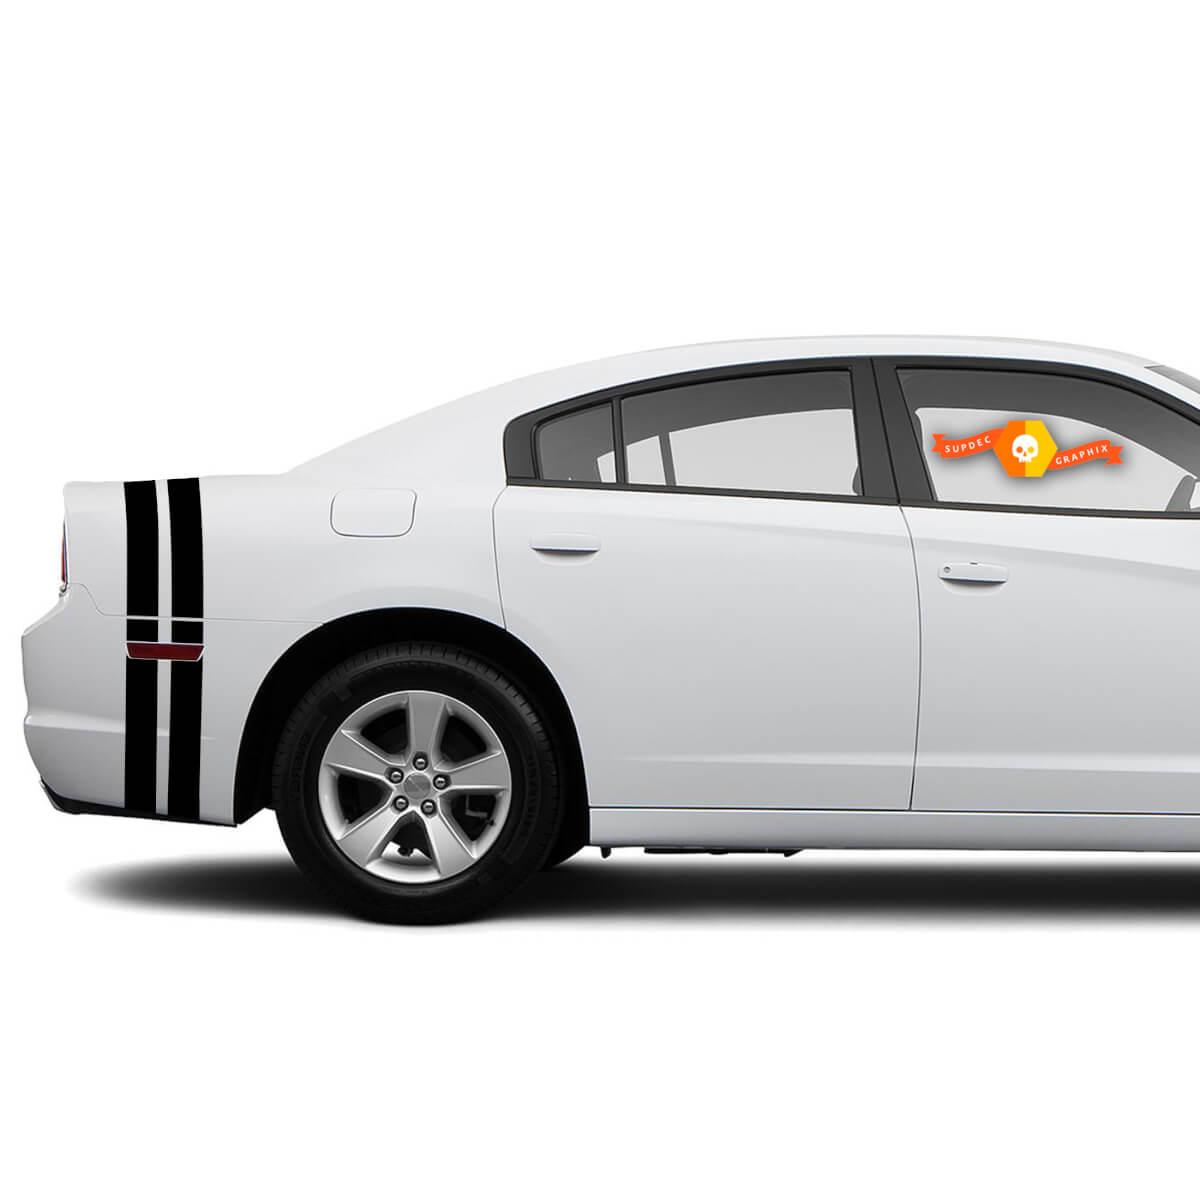 Twin Stripe Dodge Charger Kofferraumband Aufkleber Komplettes Grafik-Kit passt zu den Modellen 2011-2014